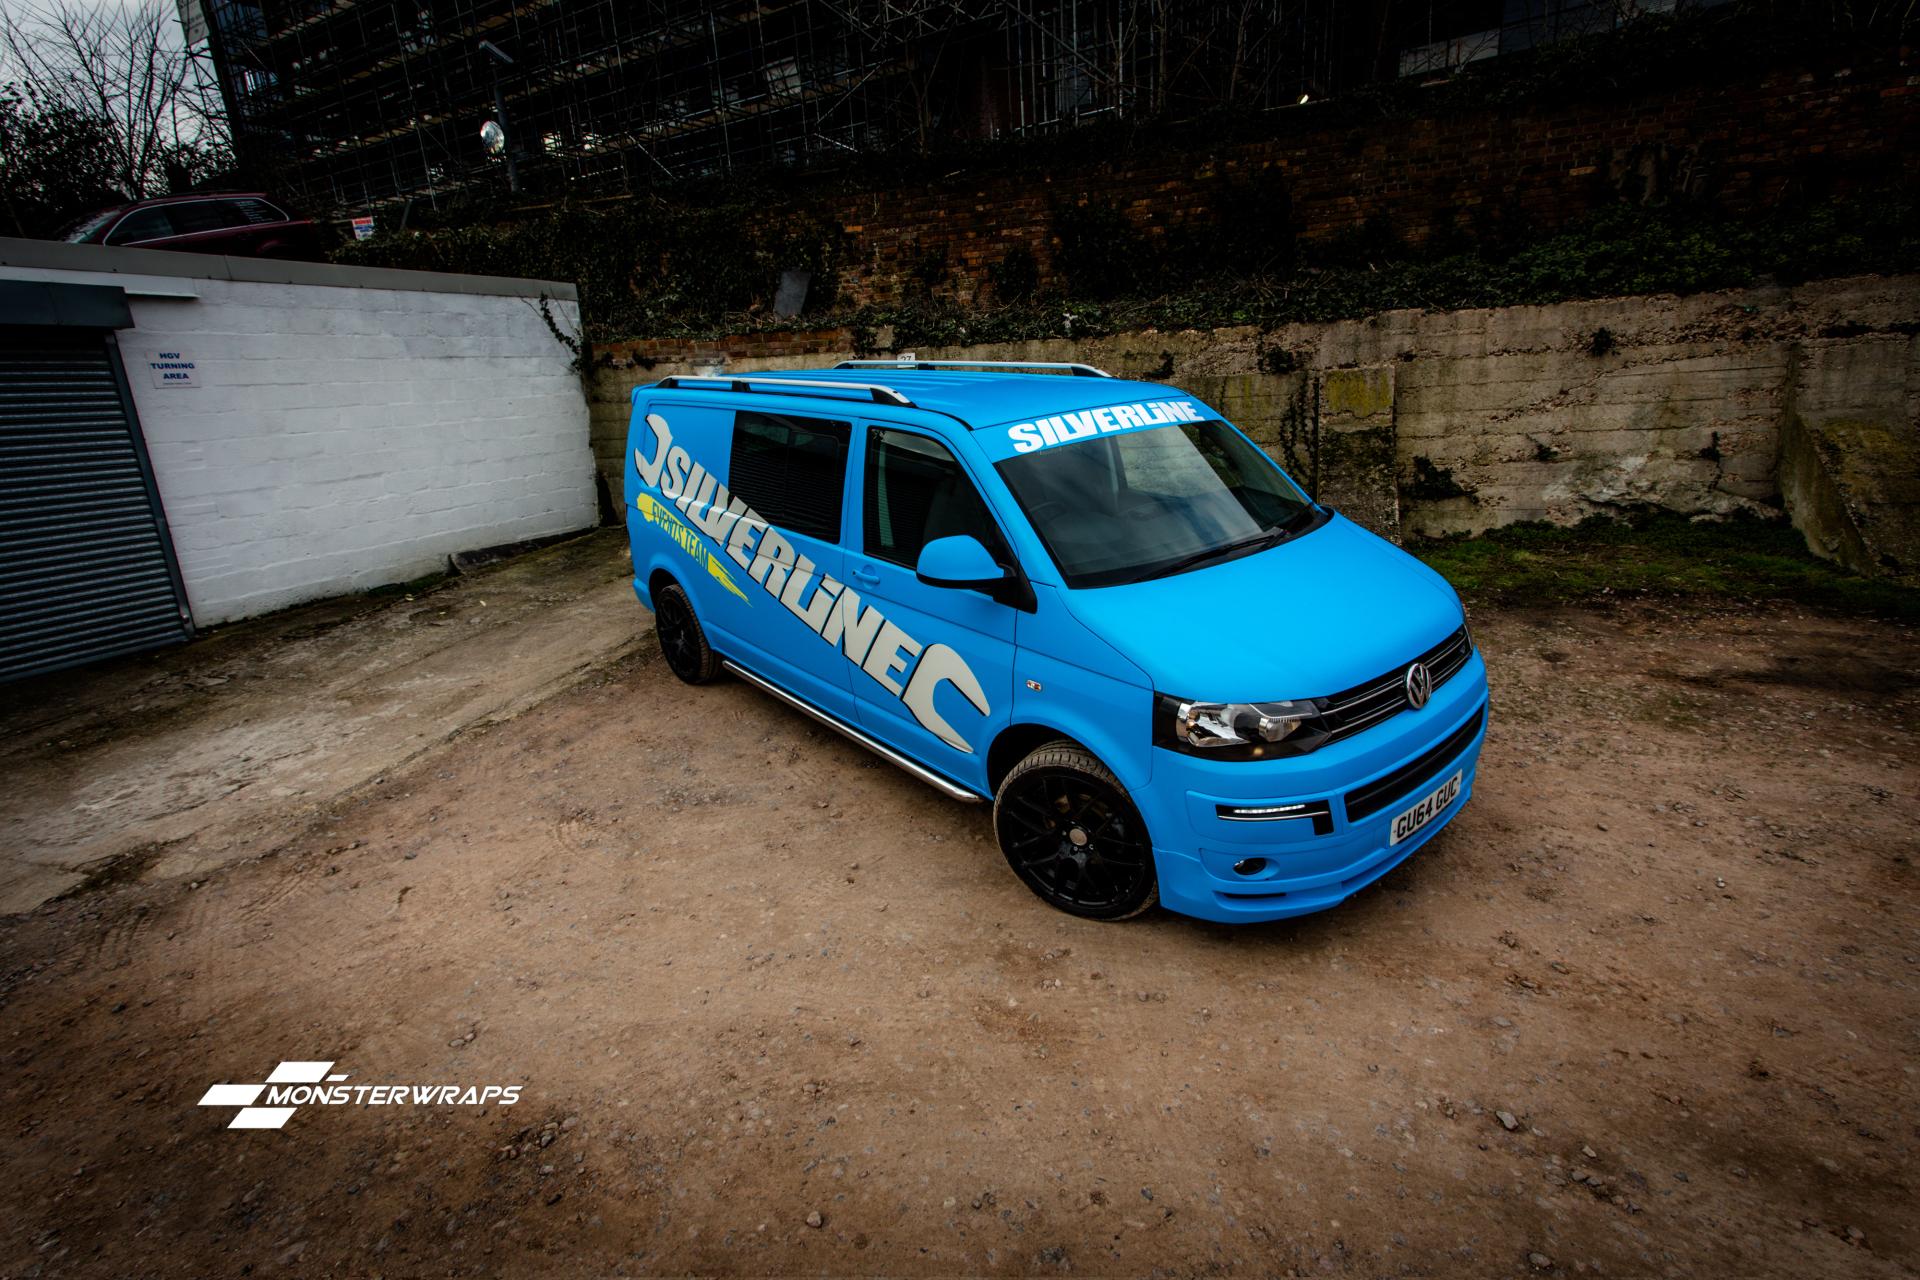 Silverline VW T5 matte blue wrap